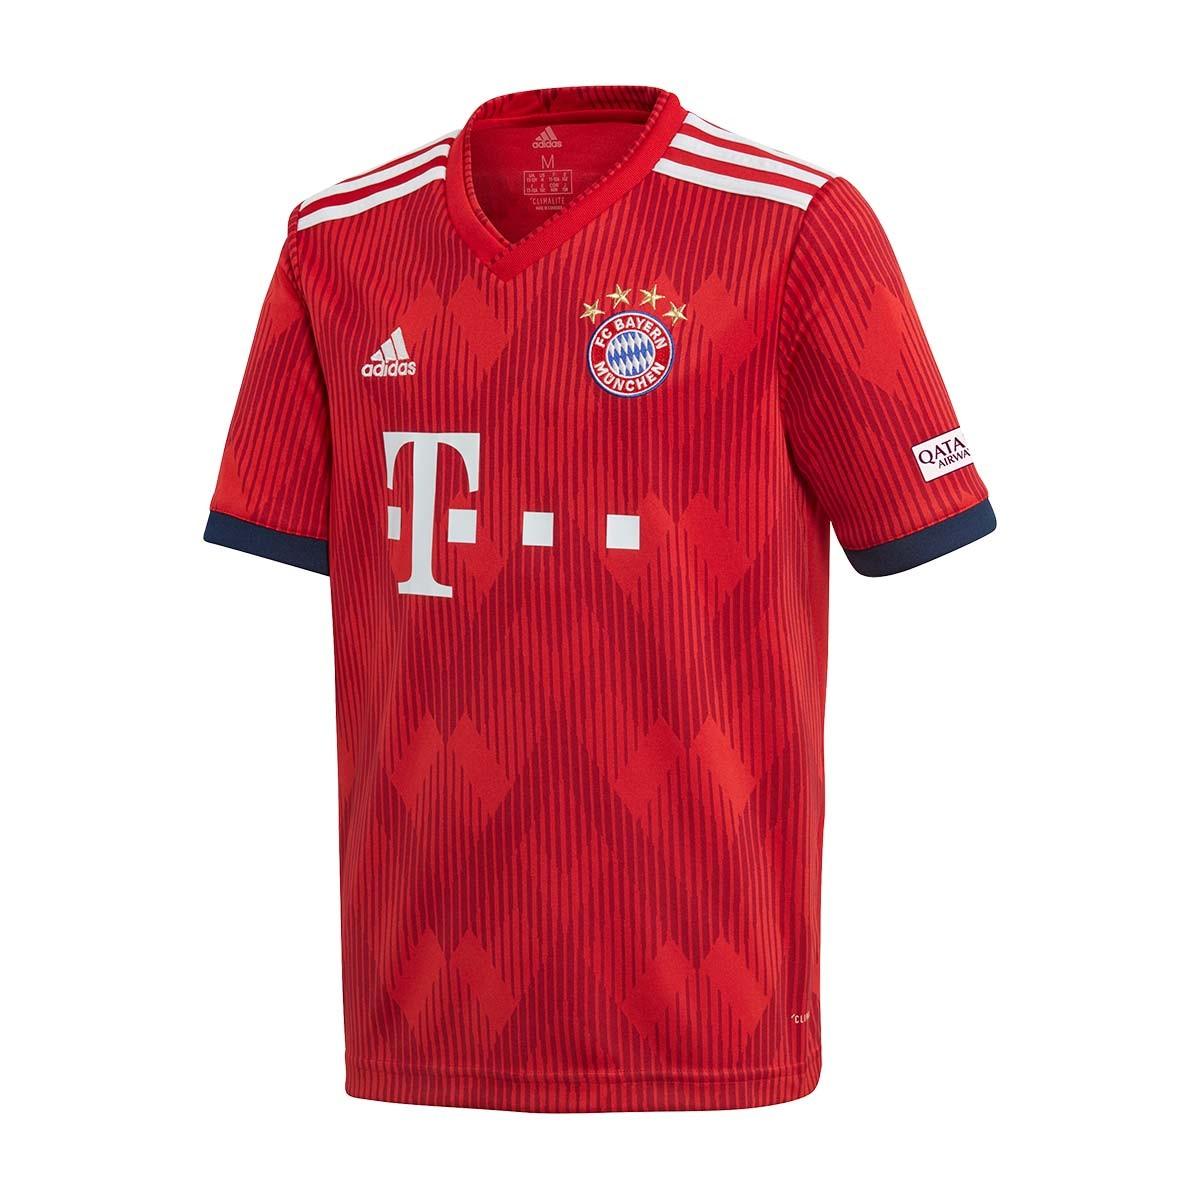 a9145d2ff0691 Jersey adidas Kids FC Bayern Munich 2018-2019 Home True red-Strong ...